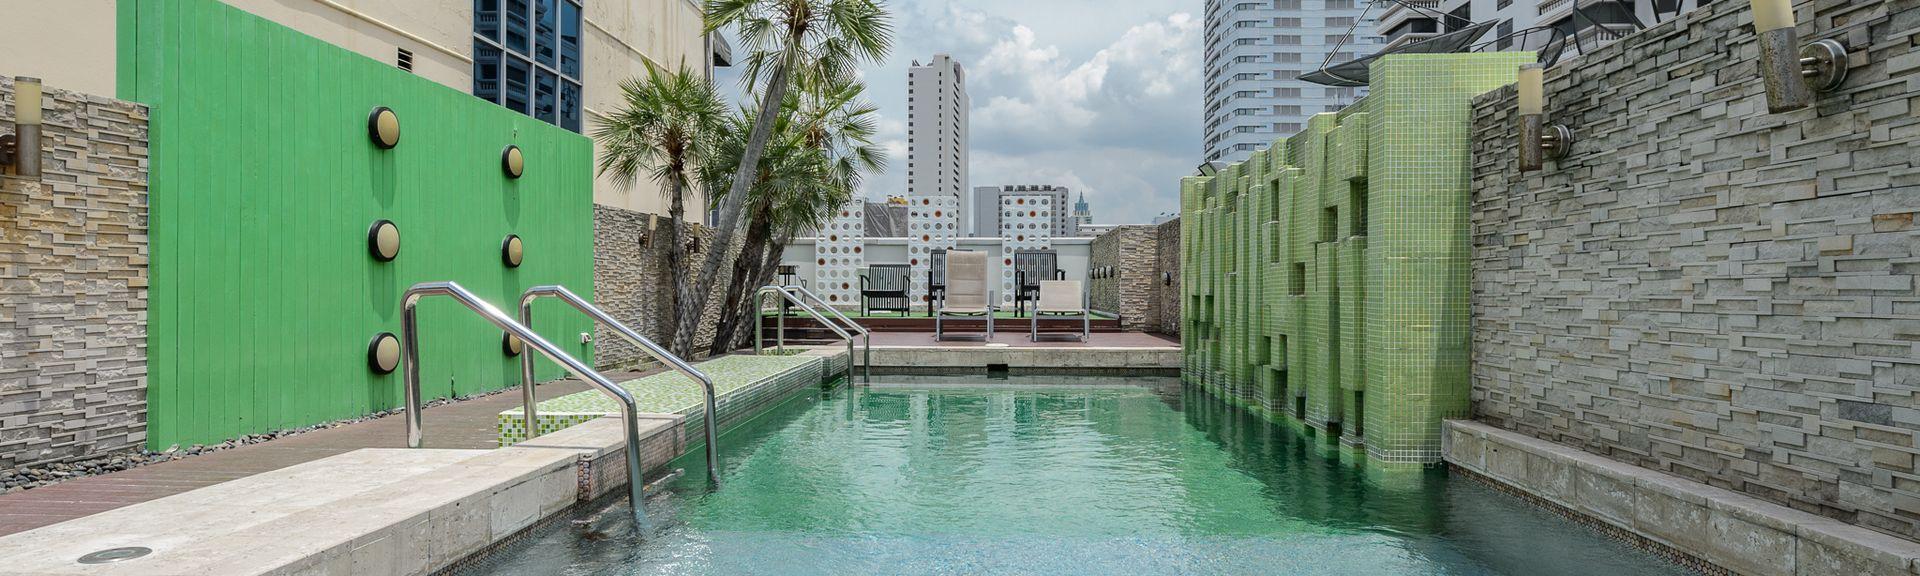 Khlong Toei Nuea, Bangkok, Thaimaa